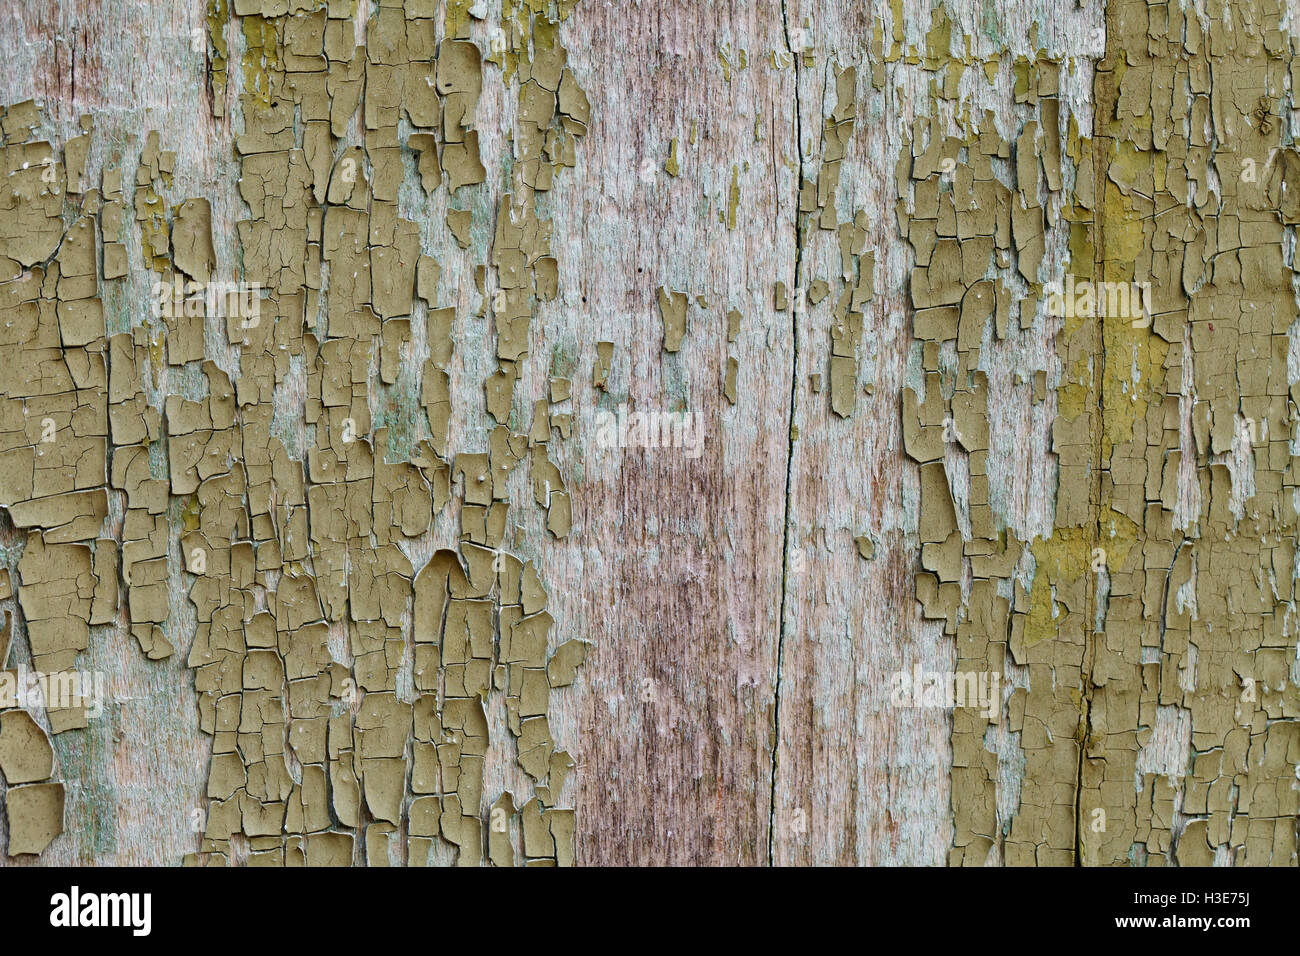 Grunge Holzstruktur, Grüne Farbe Alten Vintage Hintergrund Stockbild